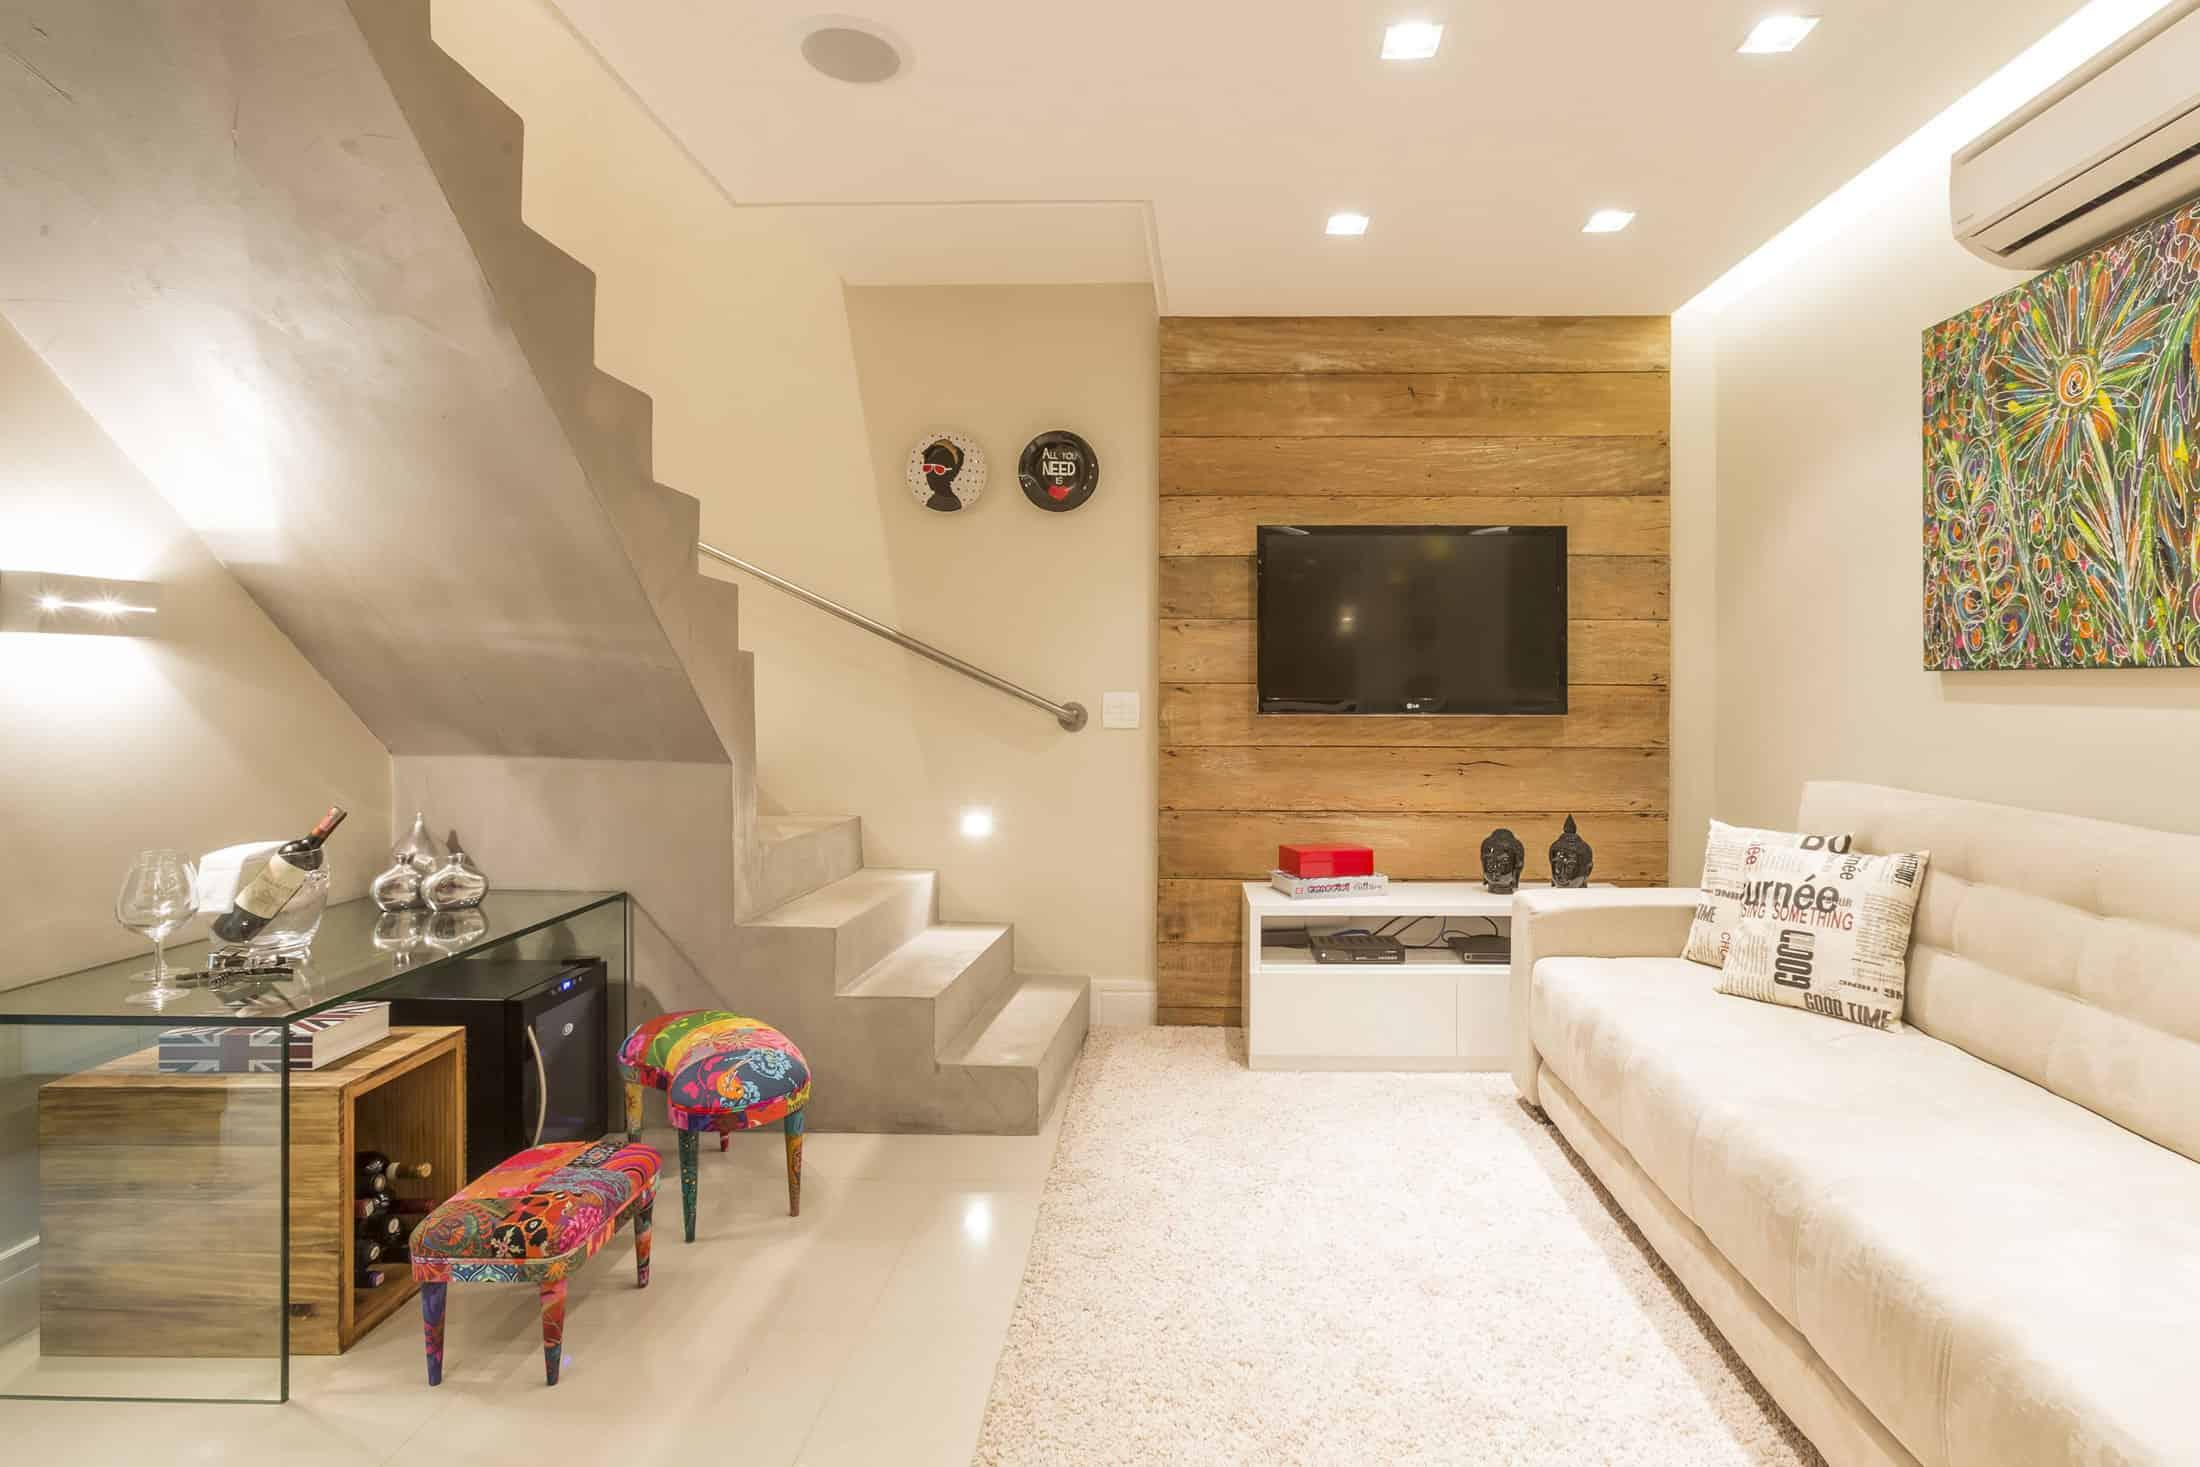 Vila mariana residence by cristiane bergesch for Como decorar un apartamento moderno